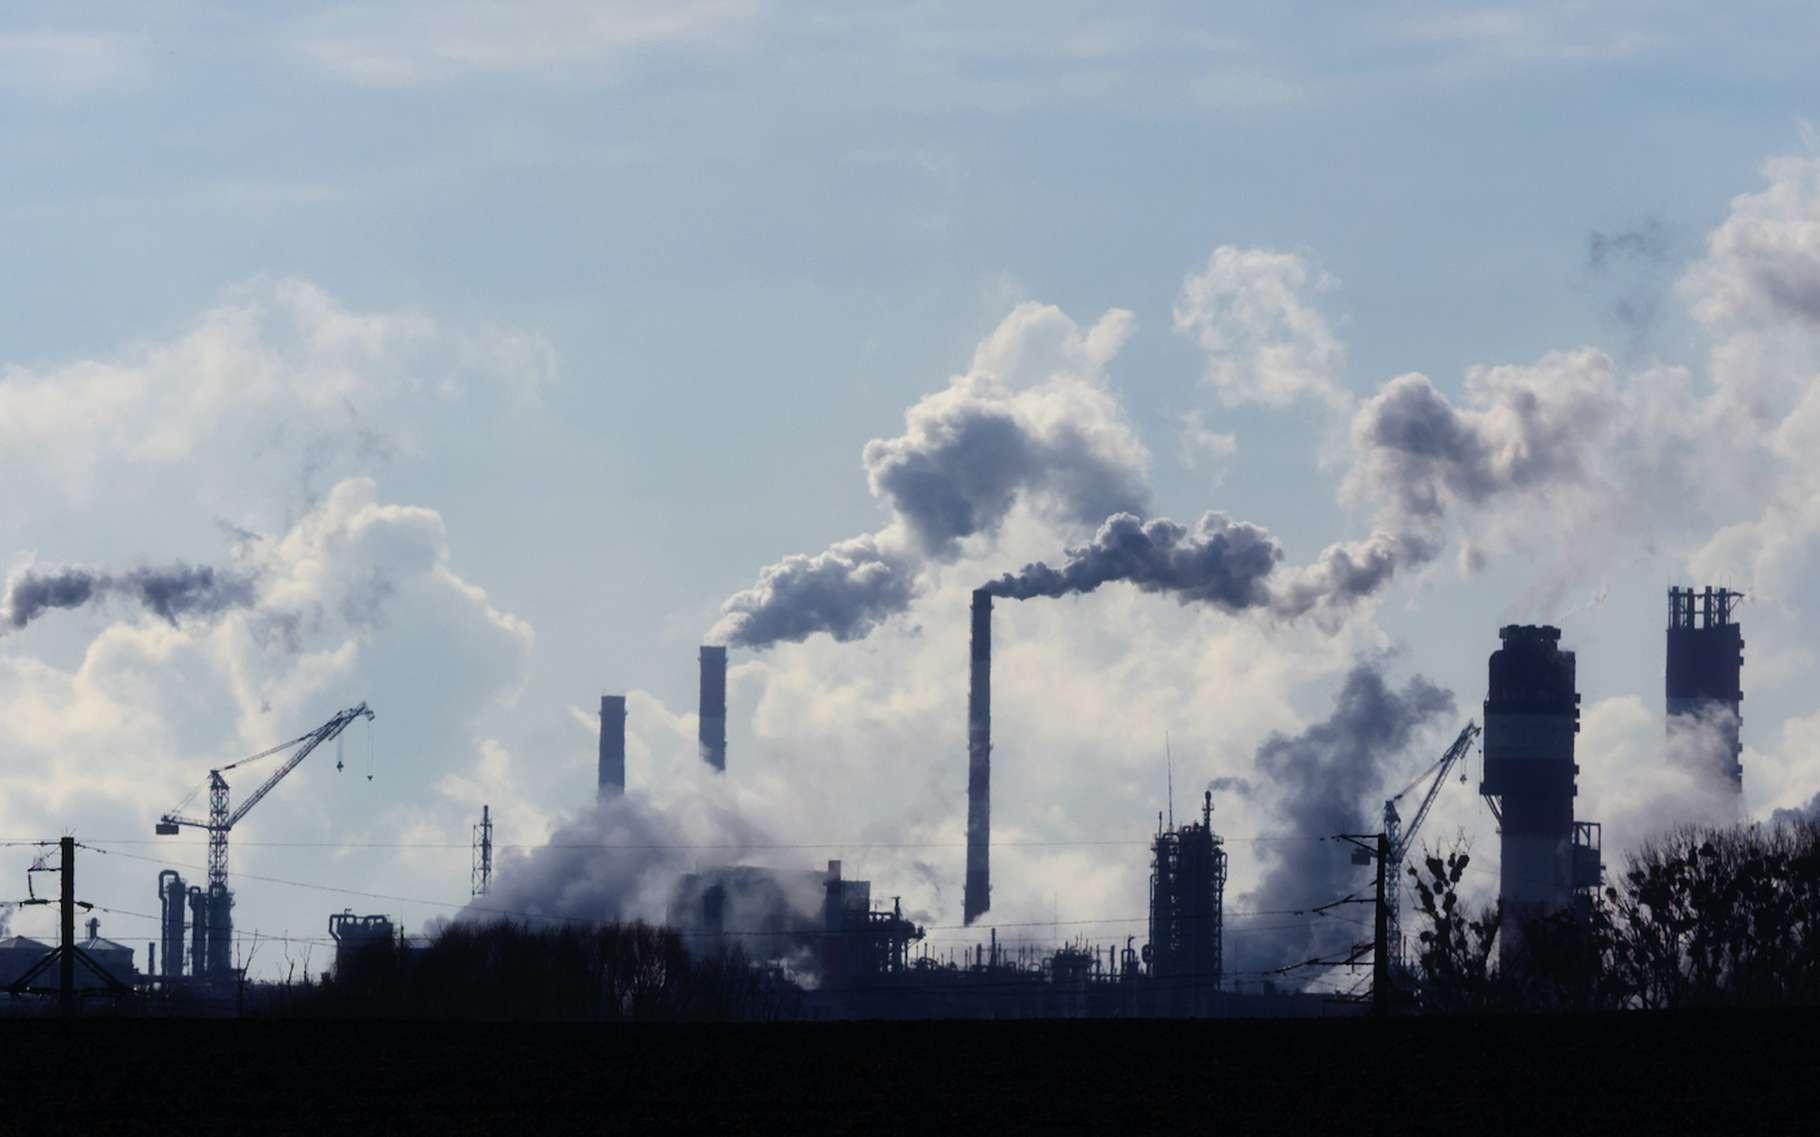 Selon l'Agence internationale de l'énergie (AIE), nos émissions de dioxyde de carbone (CO2), l'une des principales causes du réchauffement climatique anthropique, devraient atteindre un niveau record en 2023. En cause, des plans de relance après la crise du Covid-19 pas suffisamment durables ! © Vital, Adobe Stock